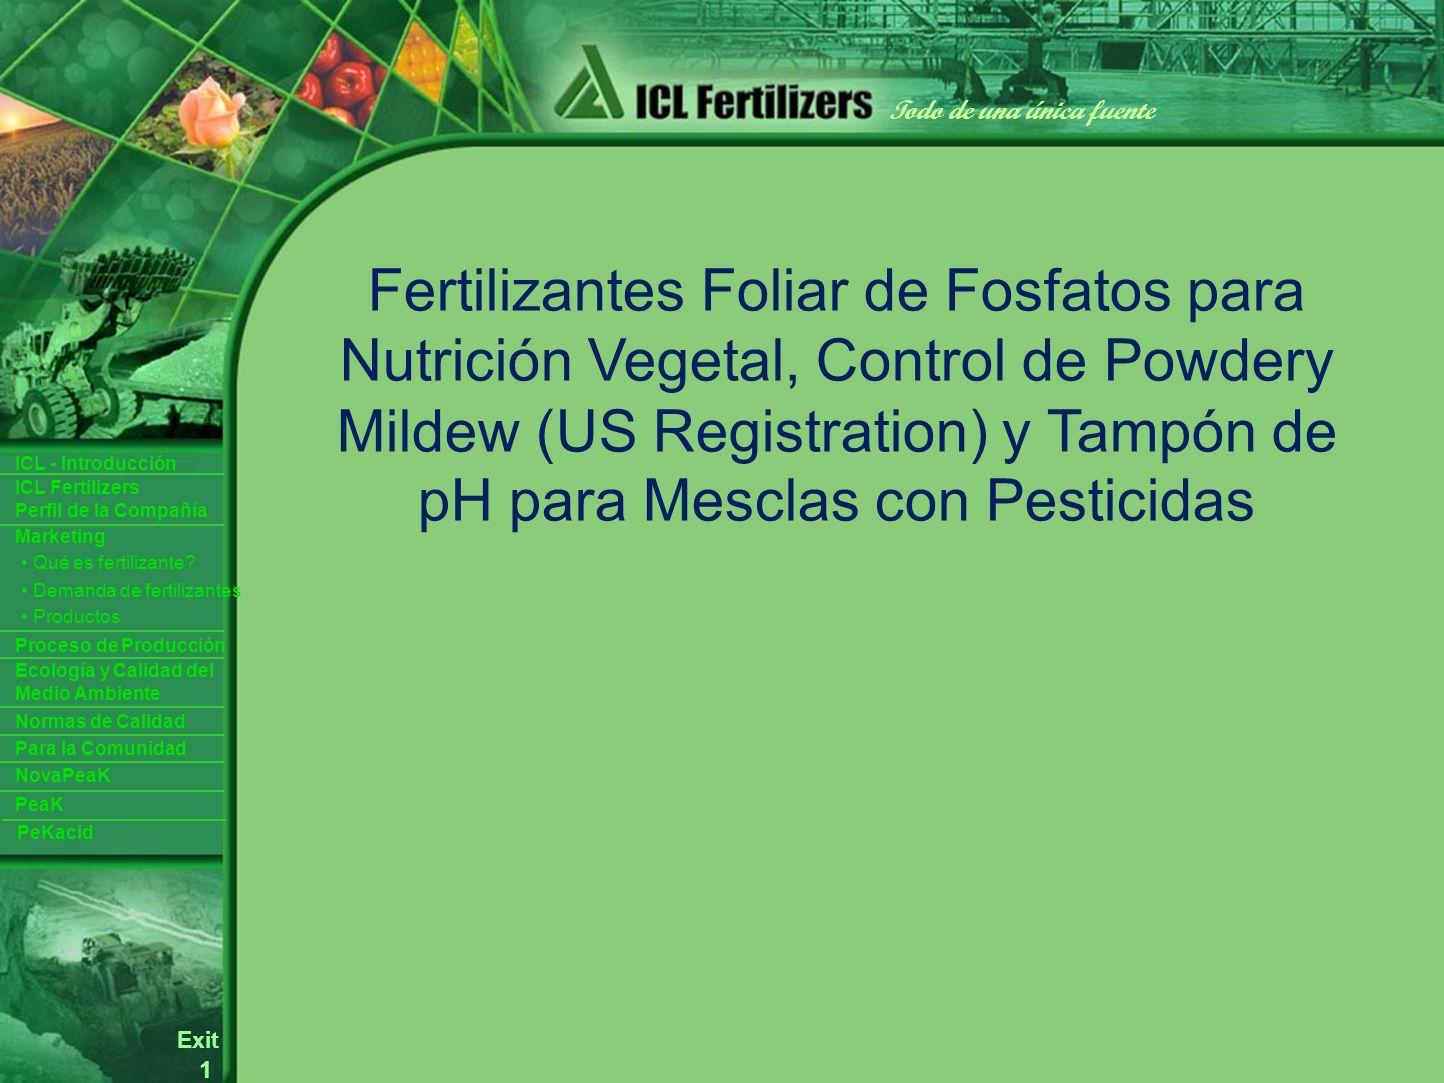 12 Exit Todo de una única fuente ICL Fertilizers Perfil de la Compañía ICL - Introducción Productos Para la Comunidad Ecología y Calidad del Medio Ambiente Normas de Calidad Marketing Proceso de Producción Demanda de fertilizantes Qué es fertilizante.